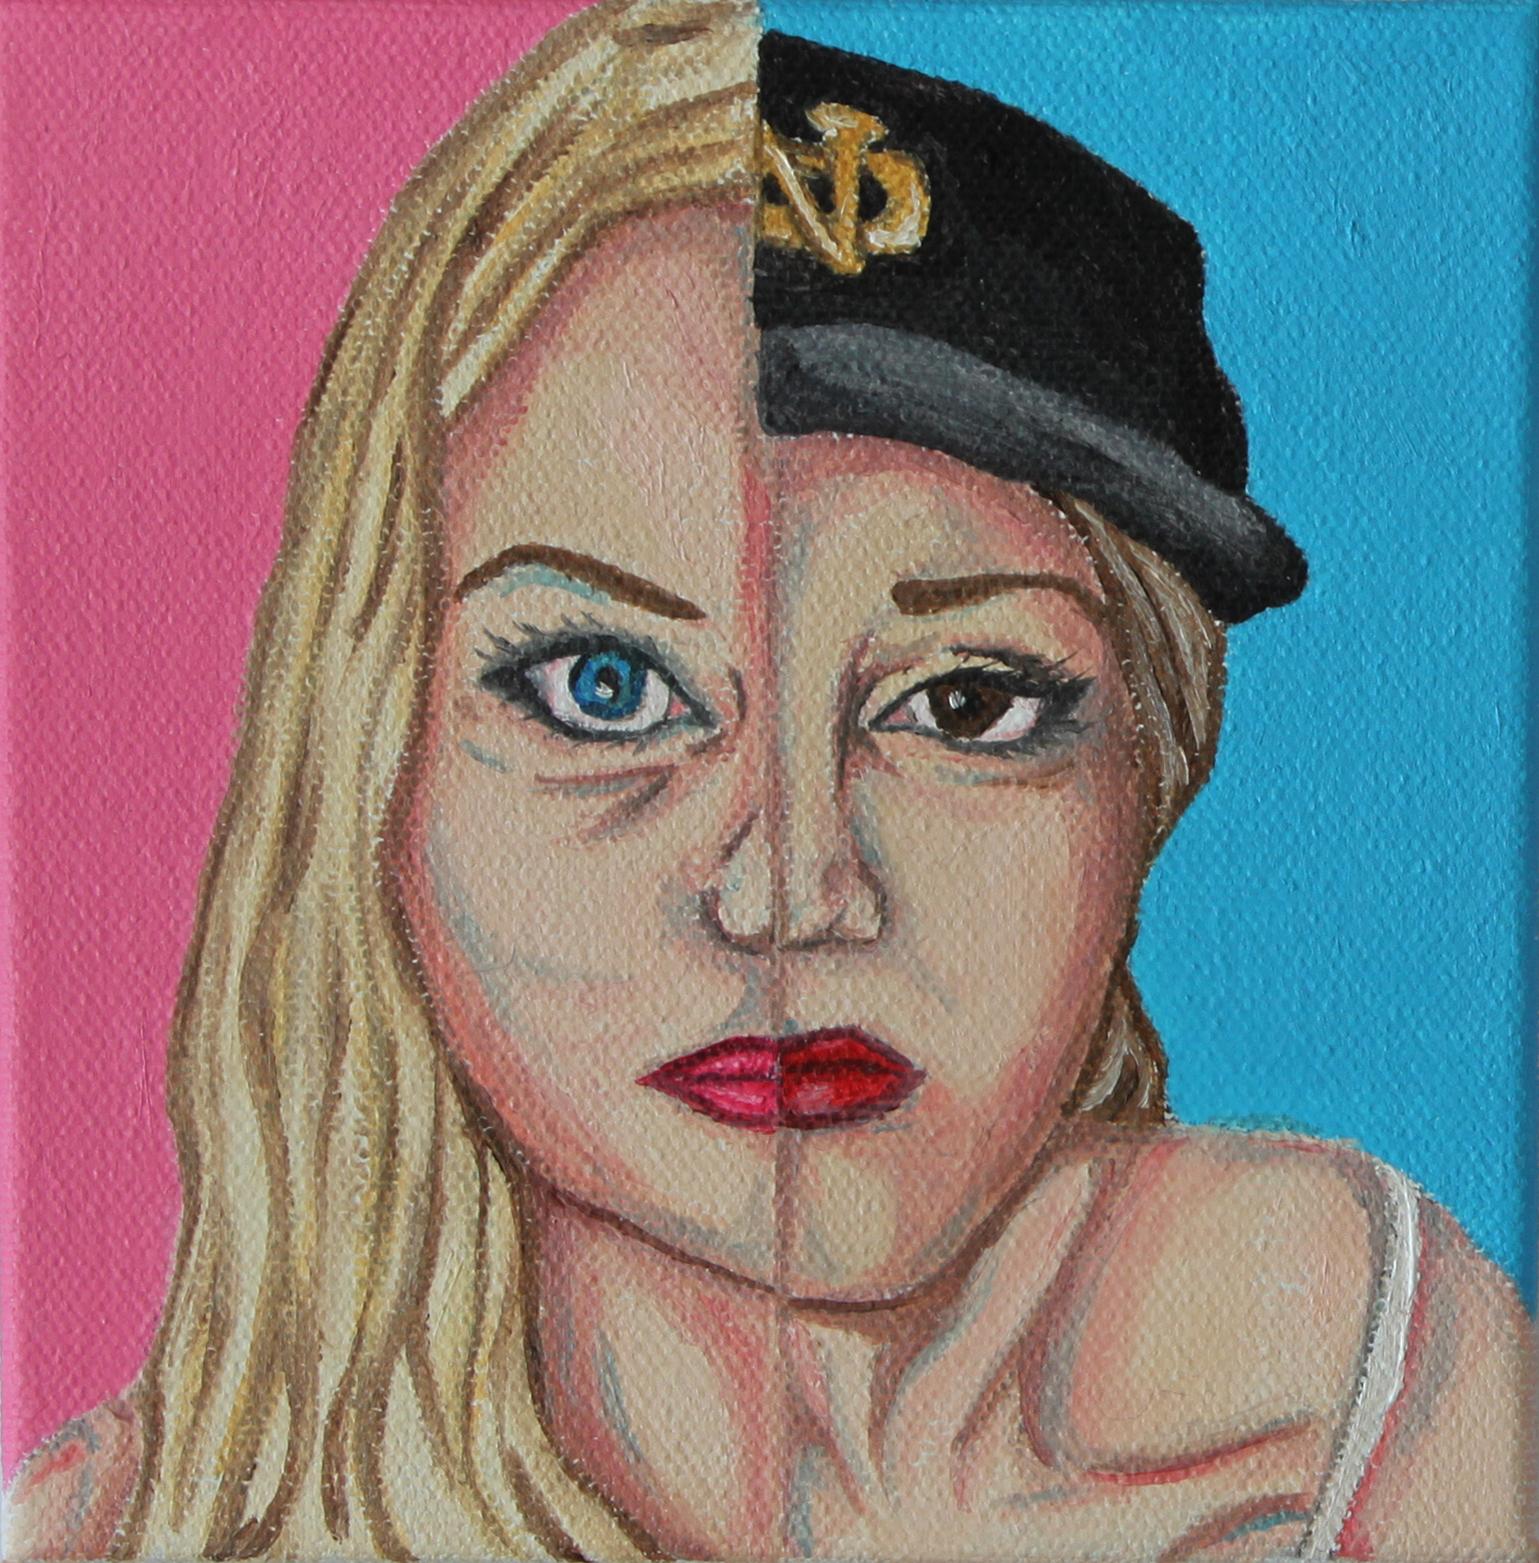 Me+ Gwen Stefani